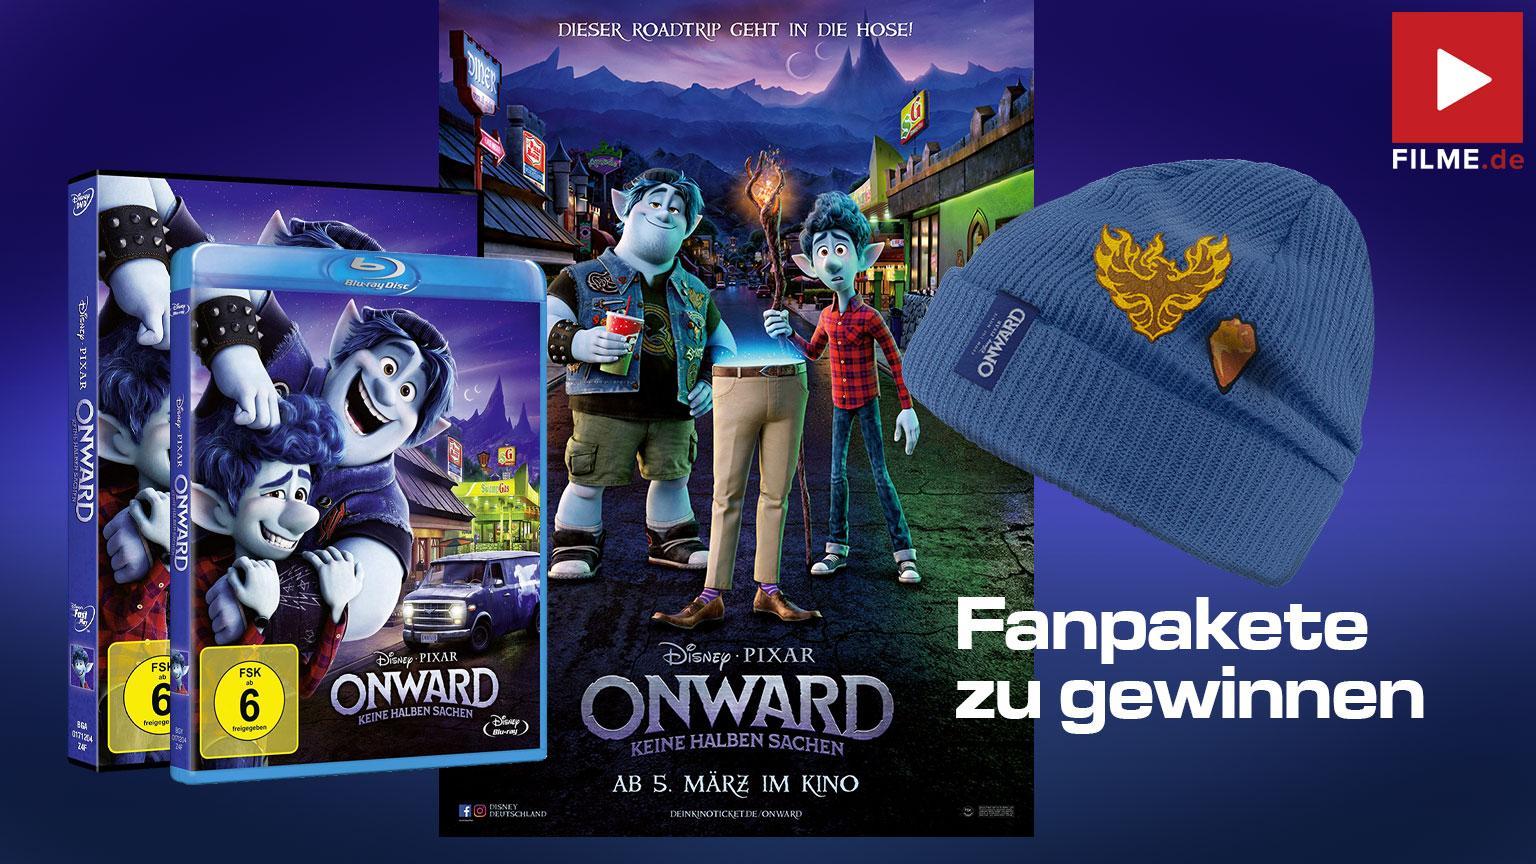 ONWARD: KEINE HALBEN SACHEN Gewinnspiel Artikelbild Blu-ray DVD Mütze Poster gewinnen shop kaufen